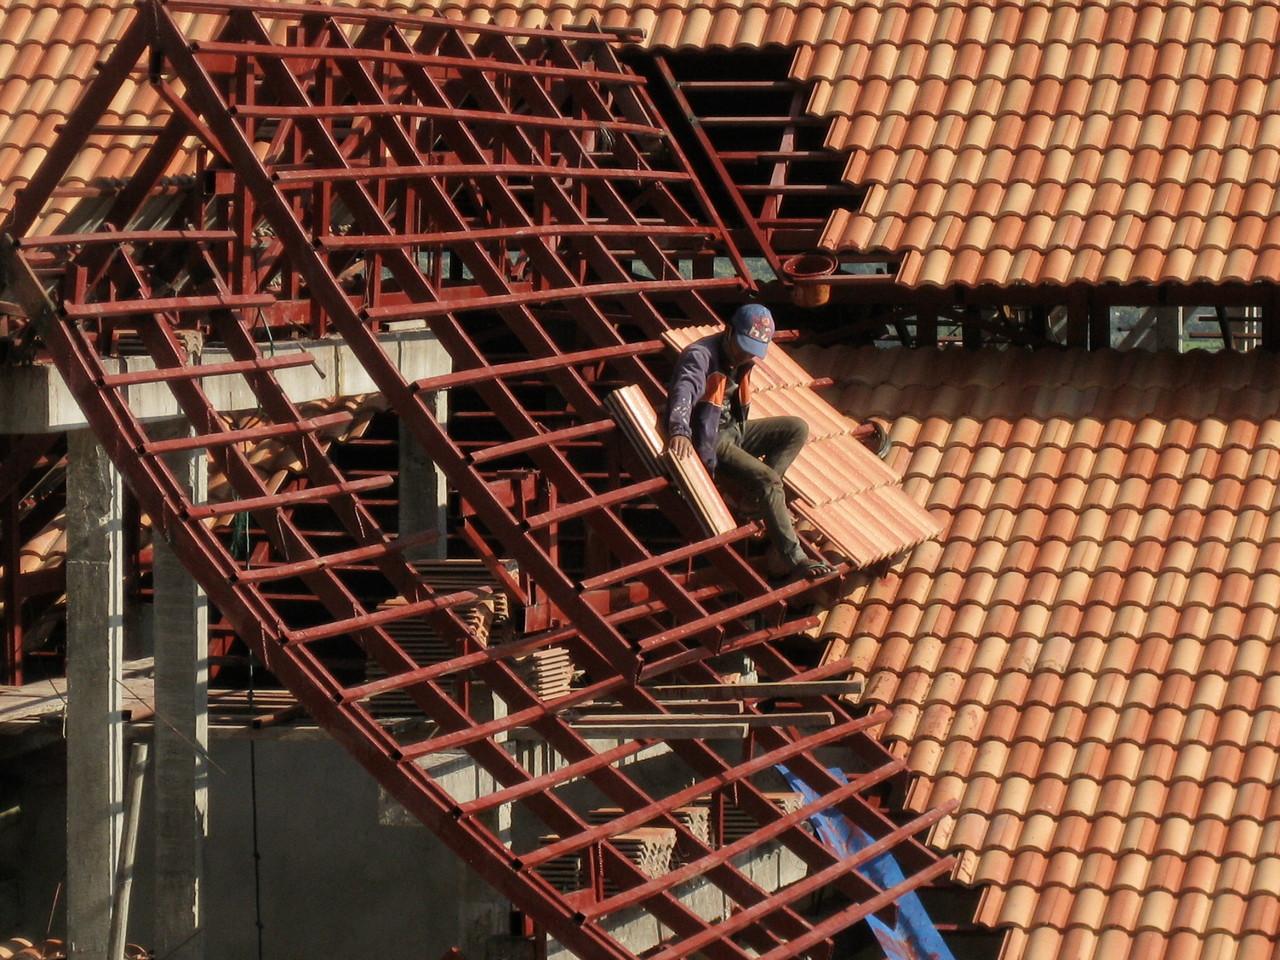 屋根を一枚一枚吹く職人。かなりの高さの上に陽射しも強い中目眩がしないだろうか